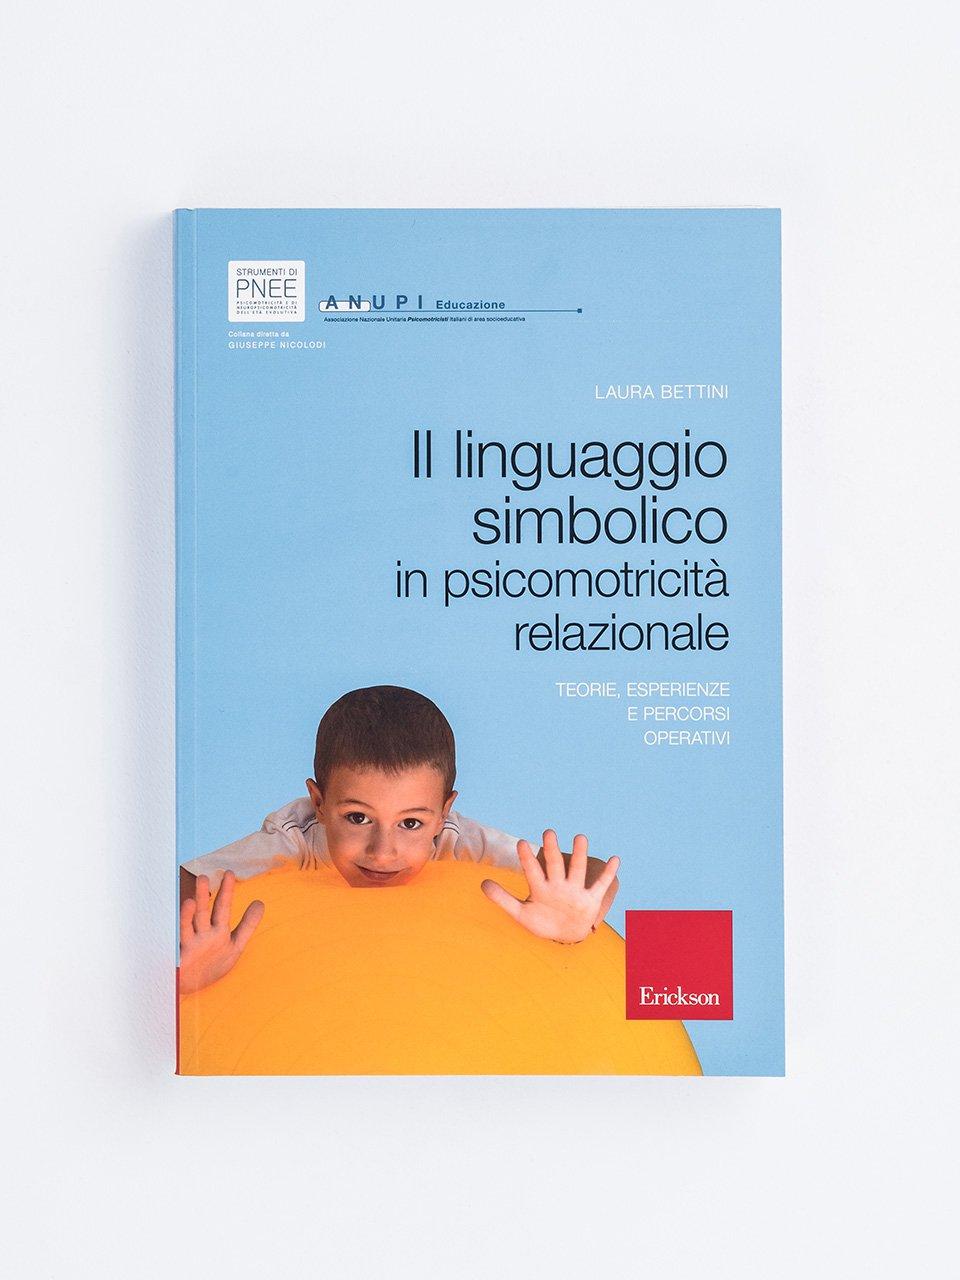 Il linguaggio simbolico in psicomotricità relazion - Libri - Erickson